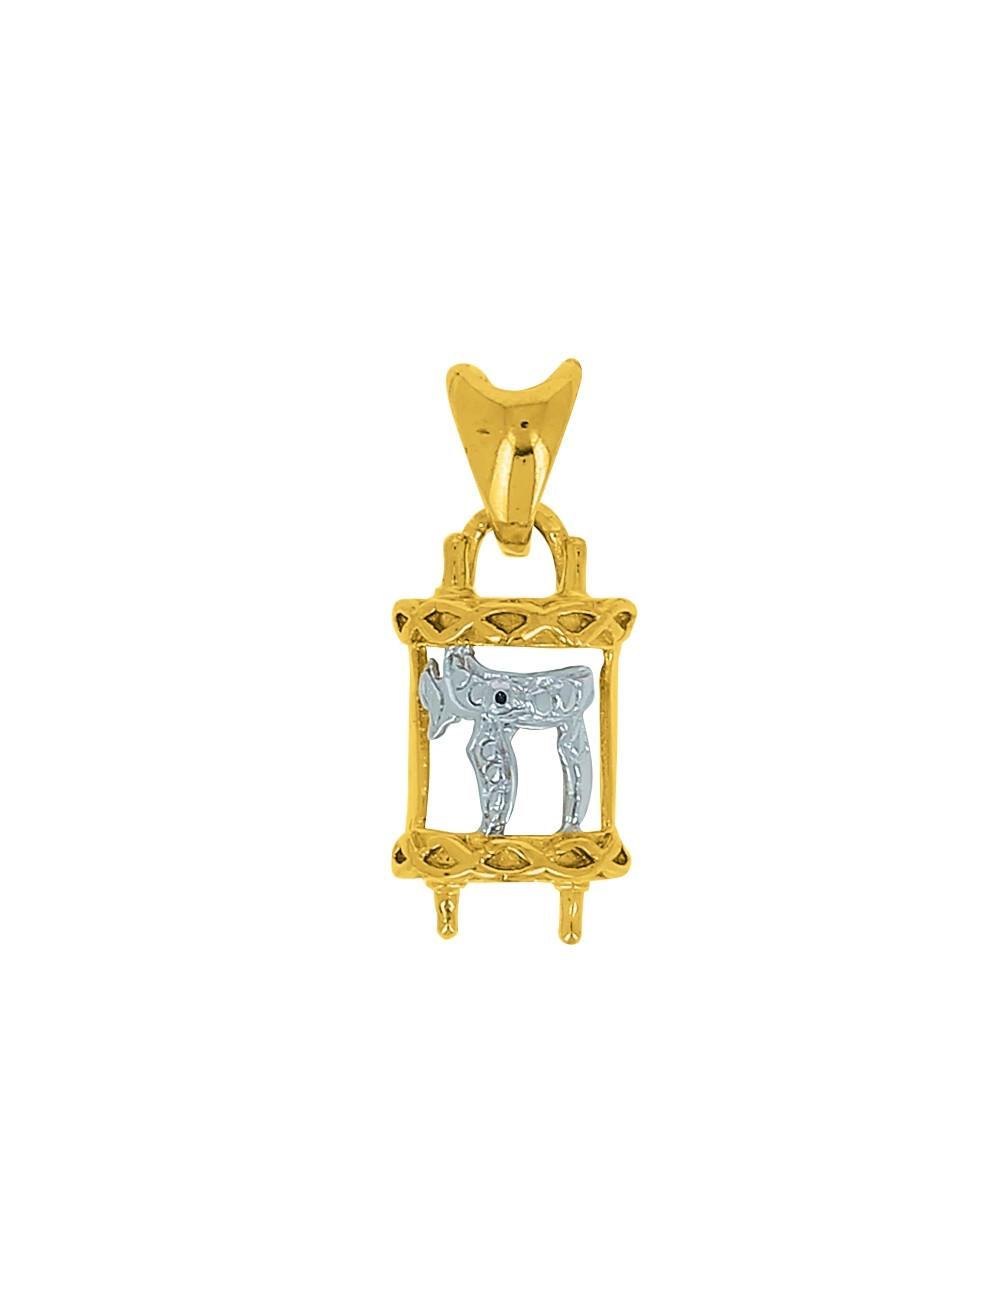 Pendentif Mezouza Hai Or Jaune 18 Carats + Chaine Or Jaune OFFERTE